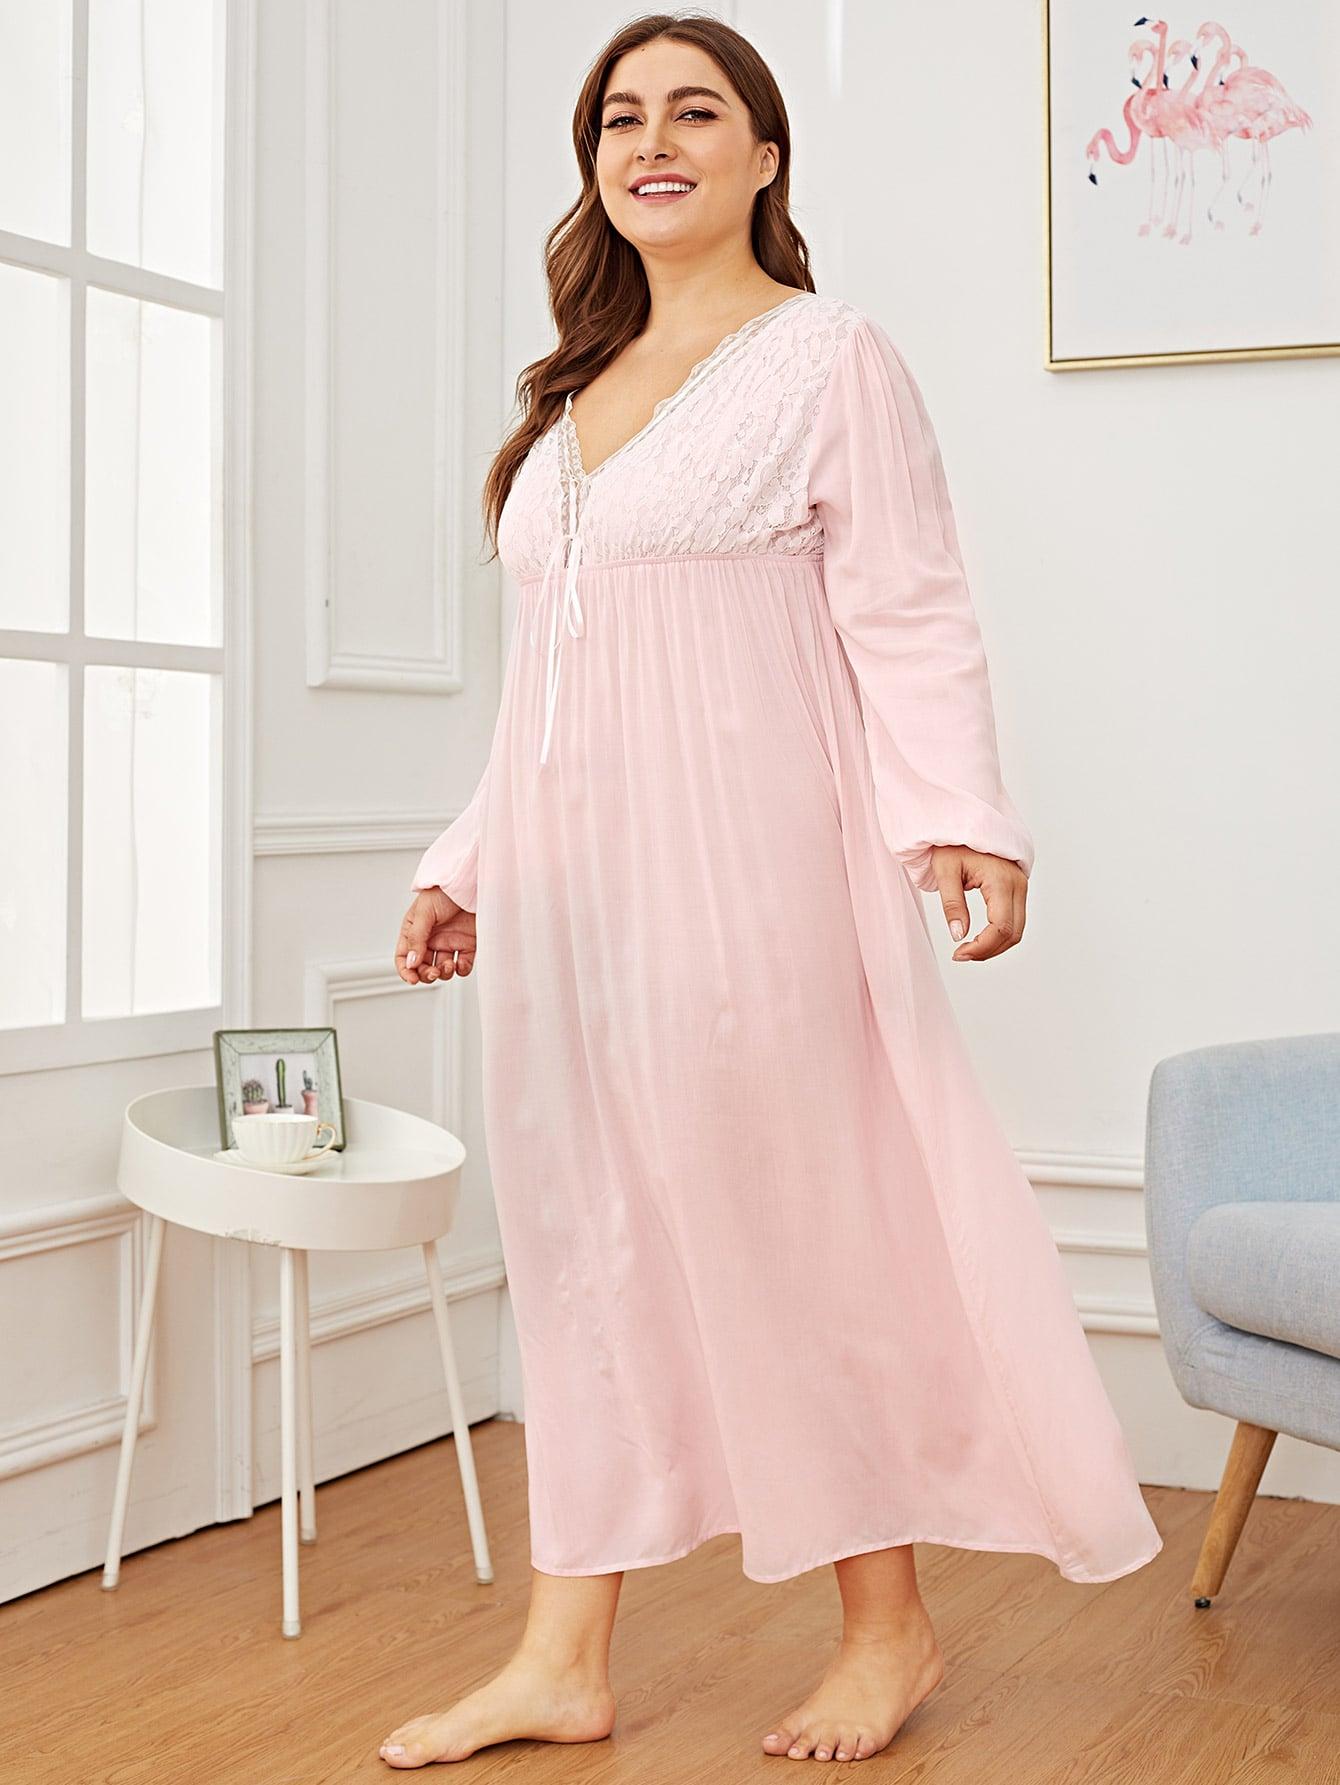 Купить Размера плюс ночная сорочка с бантом и контрастными кружевами, Franziska, SheIn